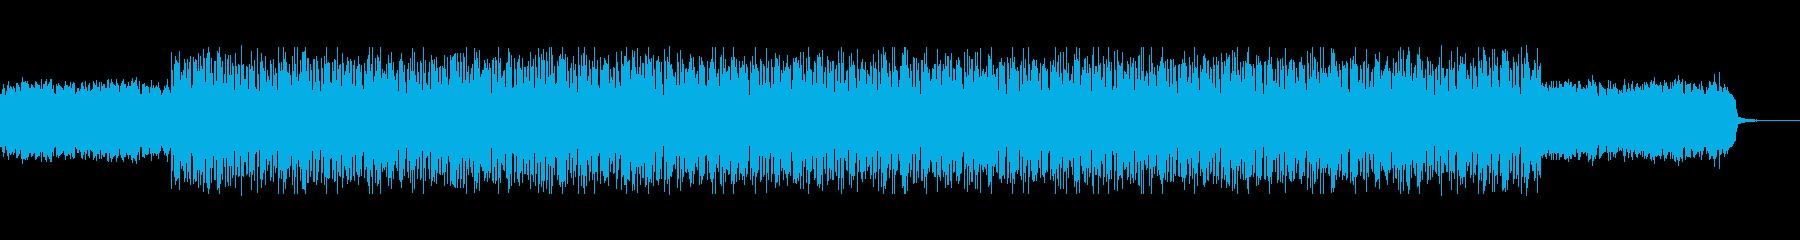 ミステリー、サスペンス、ホラーに使える曲の再生済みの波形